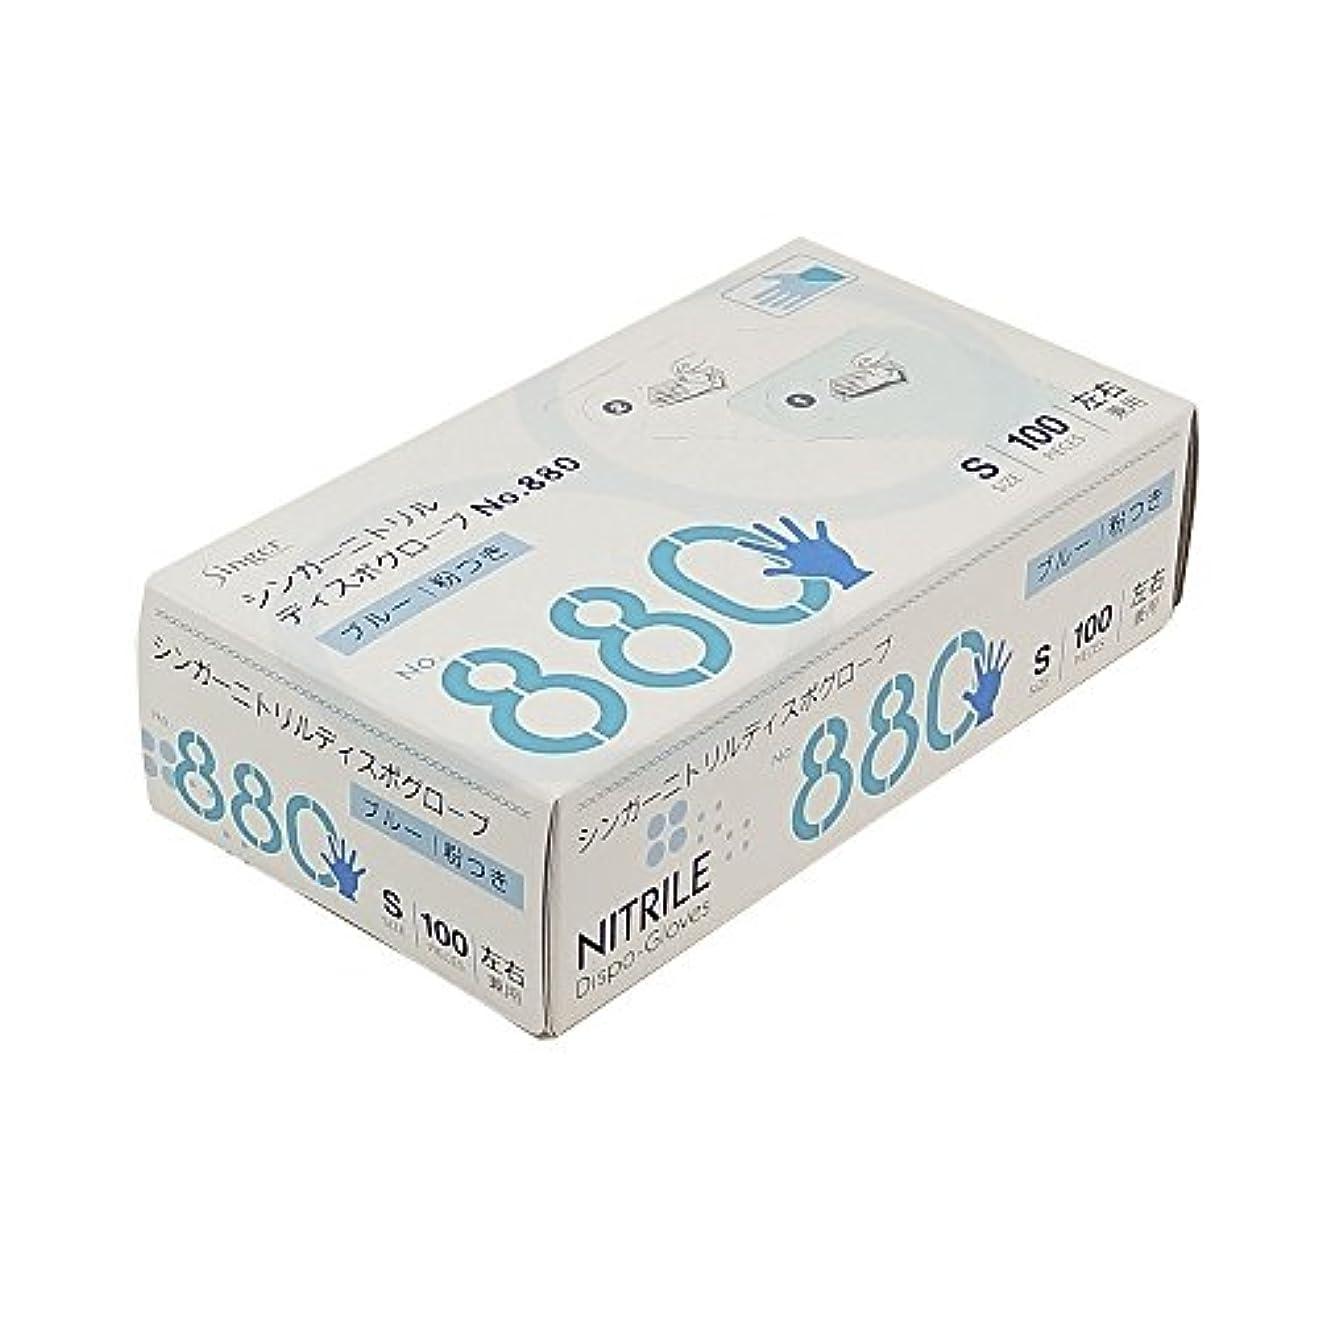 テレマコスに頼るネット宇都宮製作 ディスポ手袋 シンガーニトリルディスポグローブ No.880 ブルー 粉付 100枚入  S